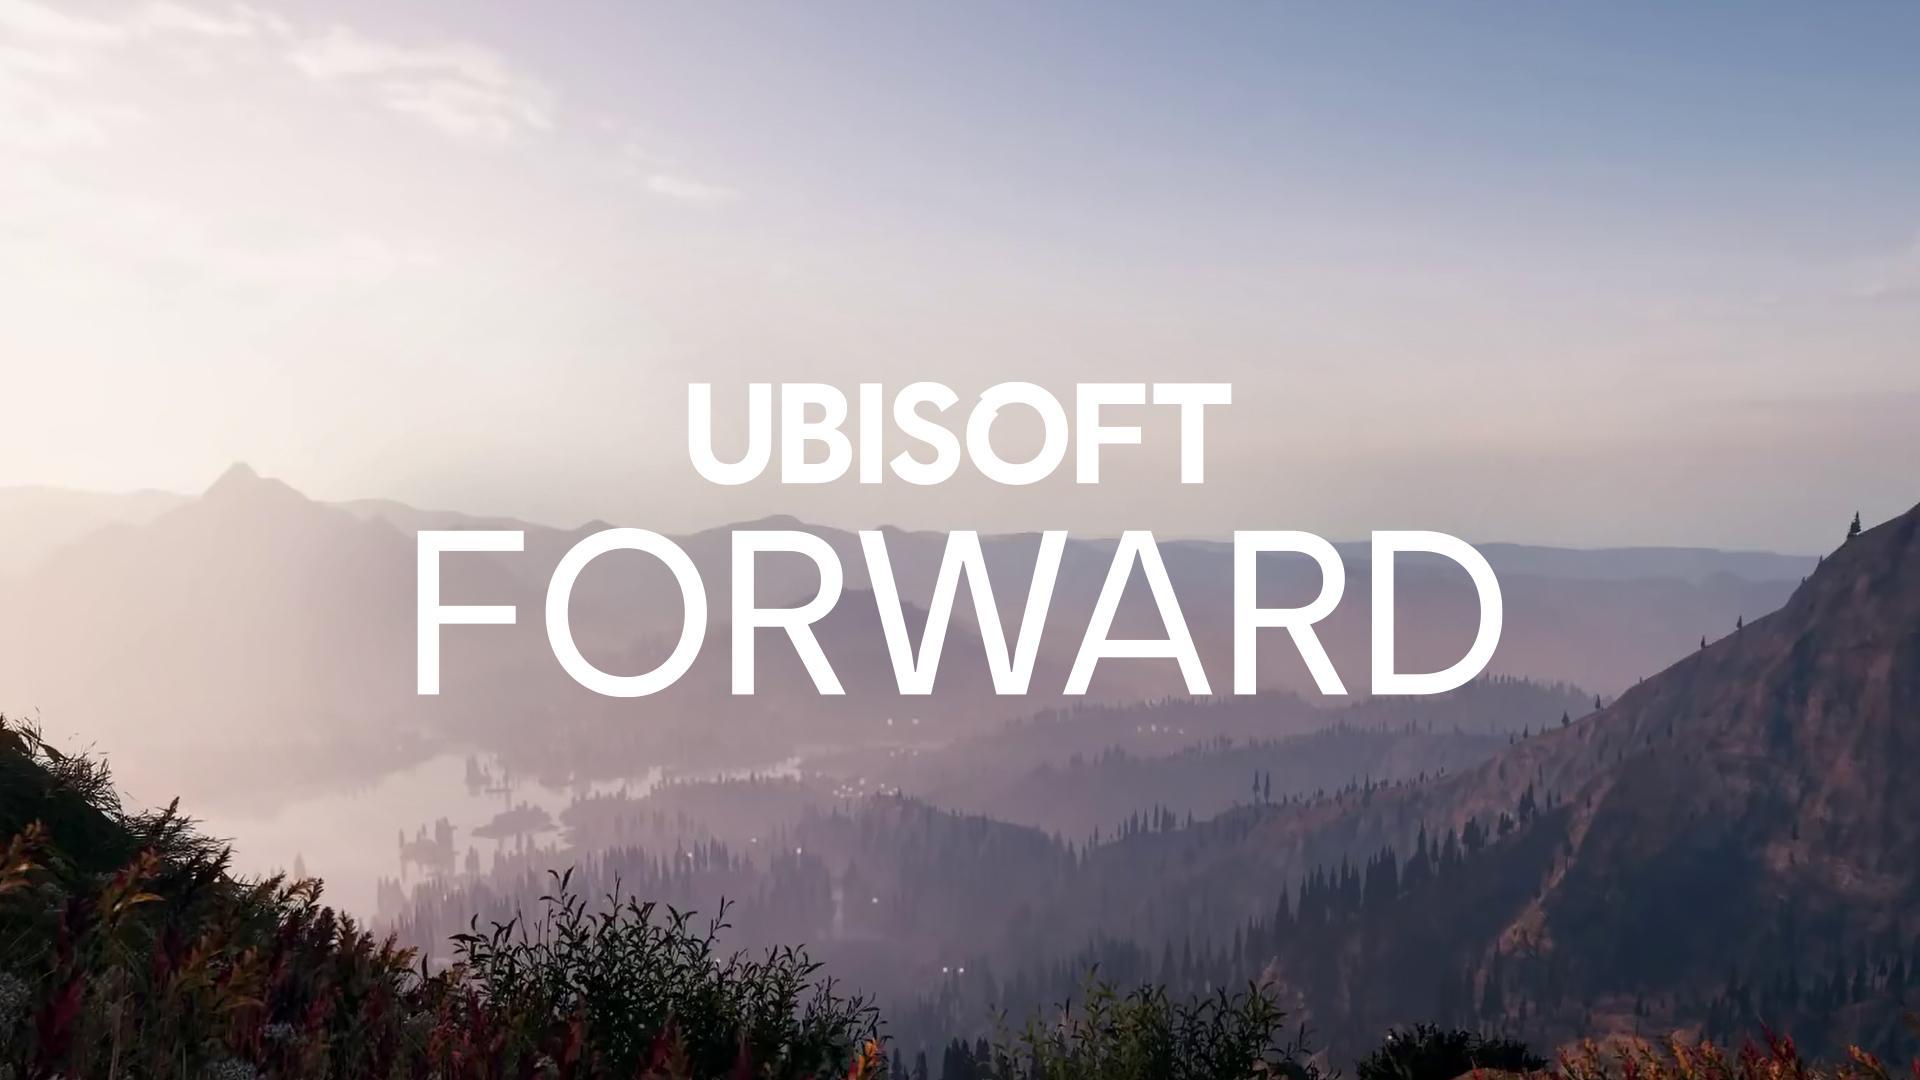 Prenez Note: Ubisoft Forward Le 10 Septembre Avec Des Annonces